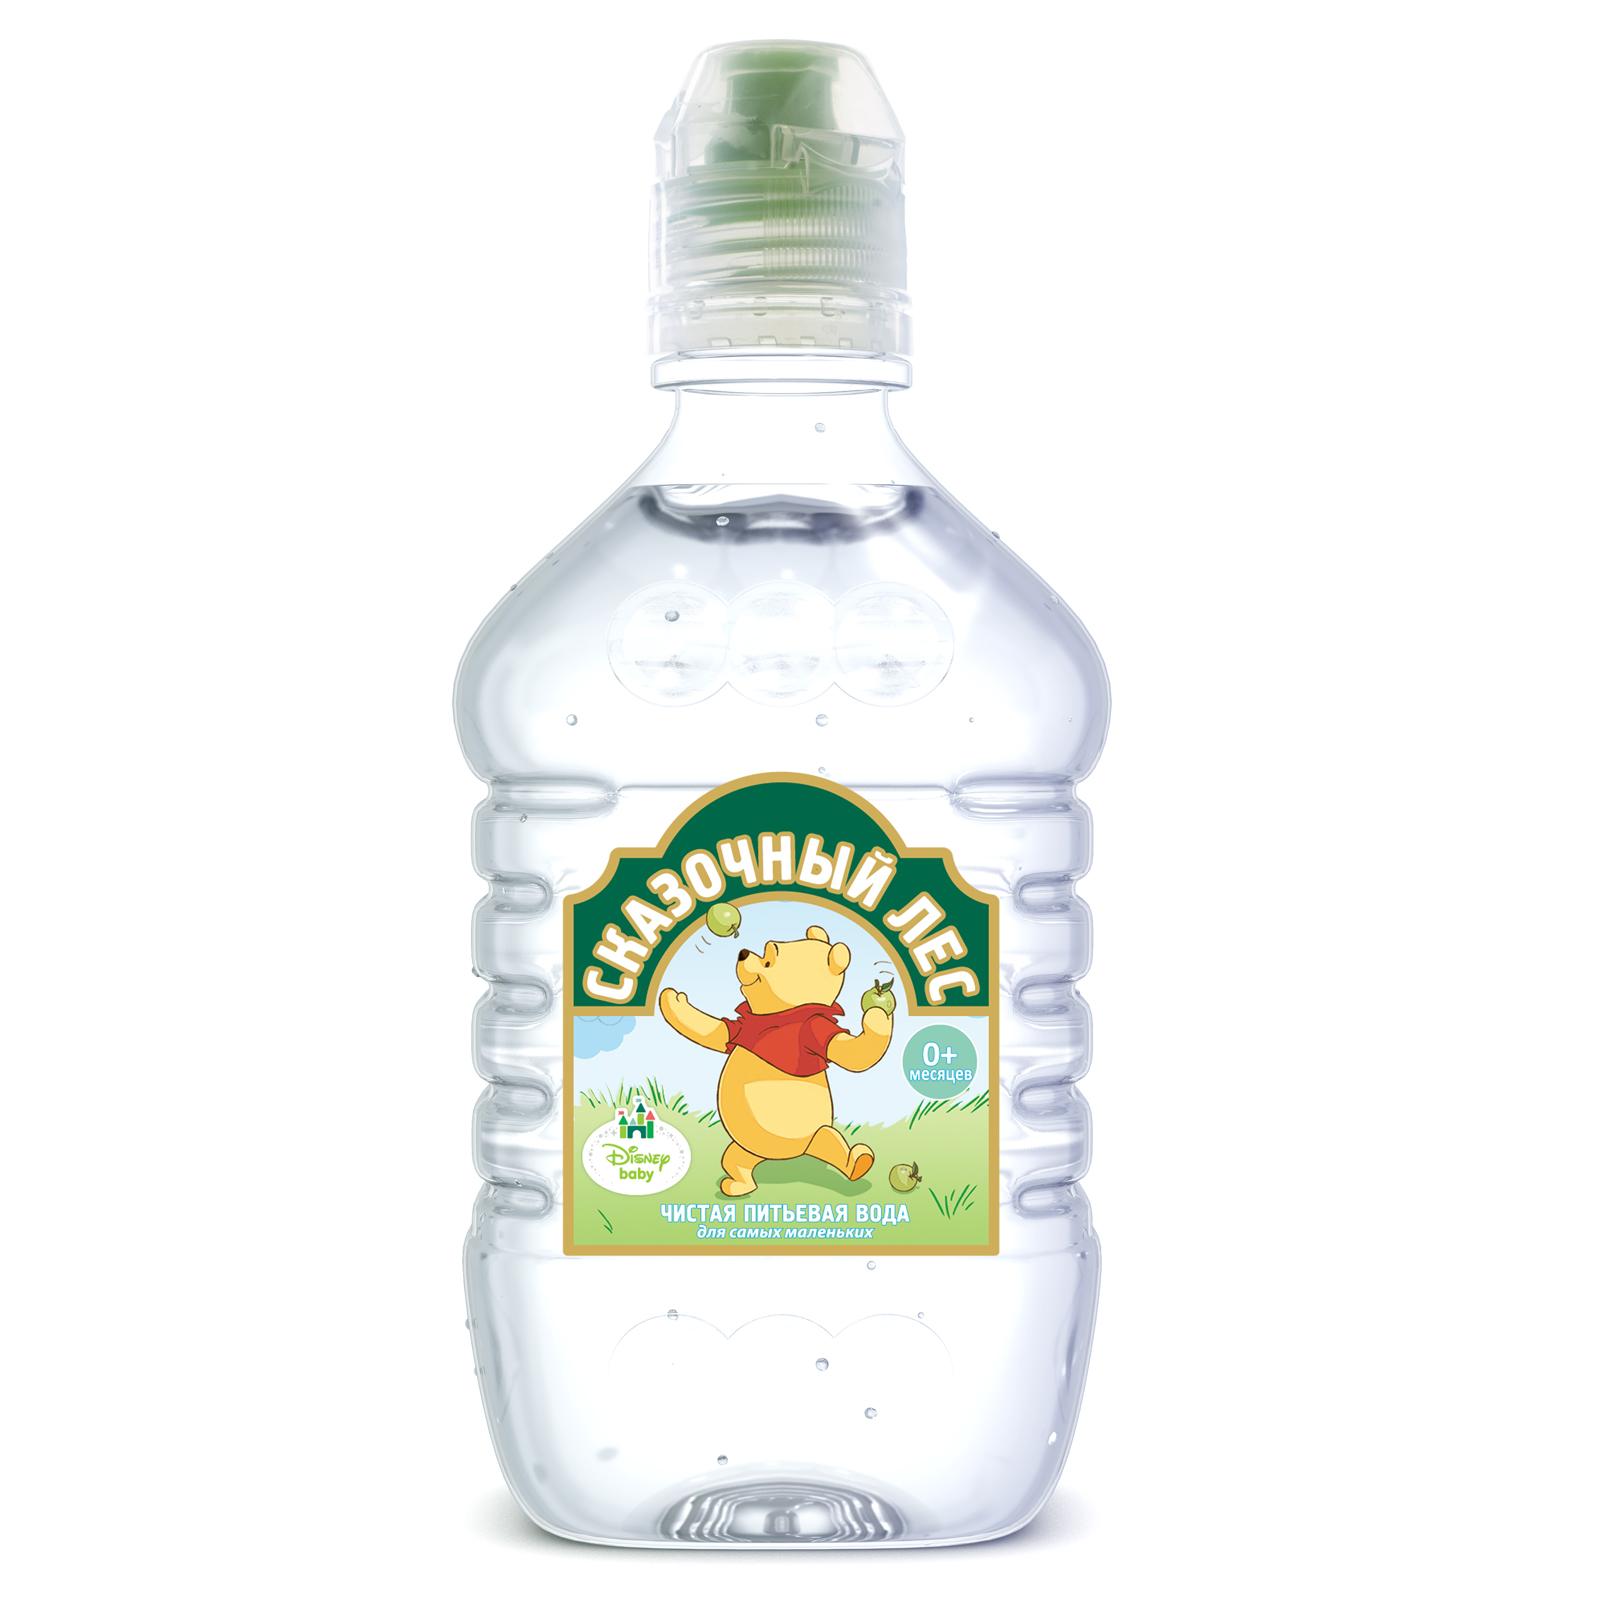 Вода детская Сказочный лес 0.4 л (Шишкин лес)